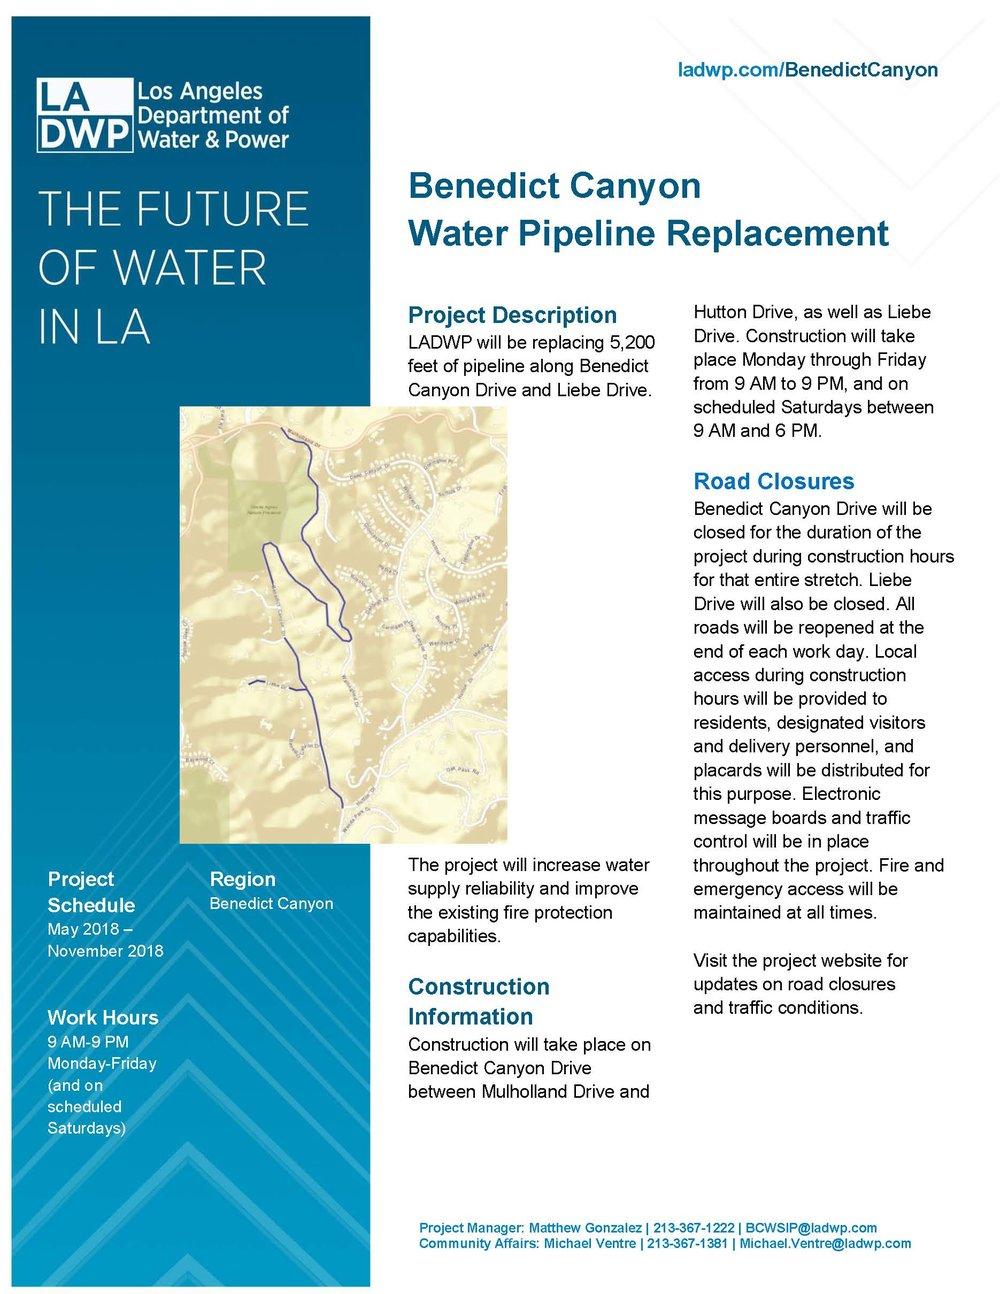 BENEDICT CANYON FACT SHEET (3-28-18).jpg